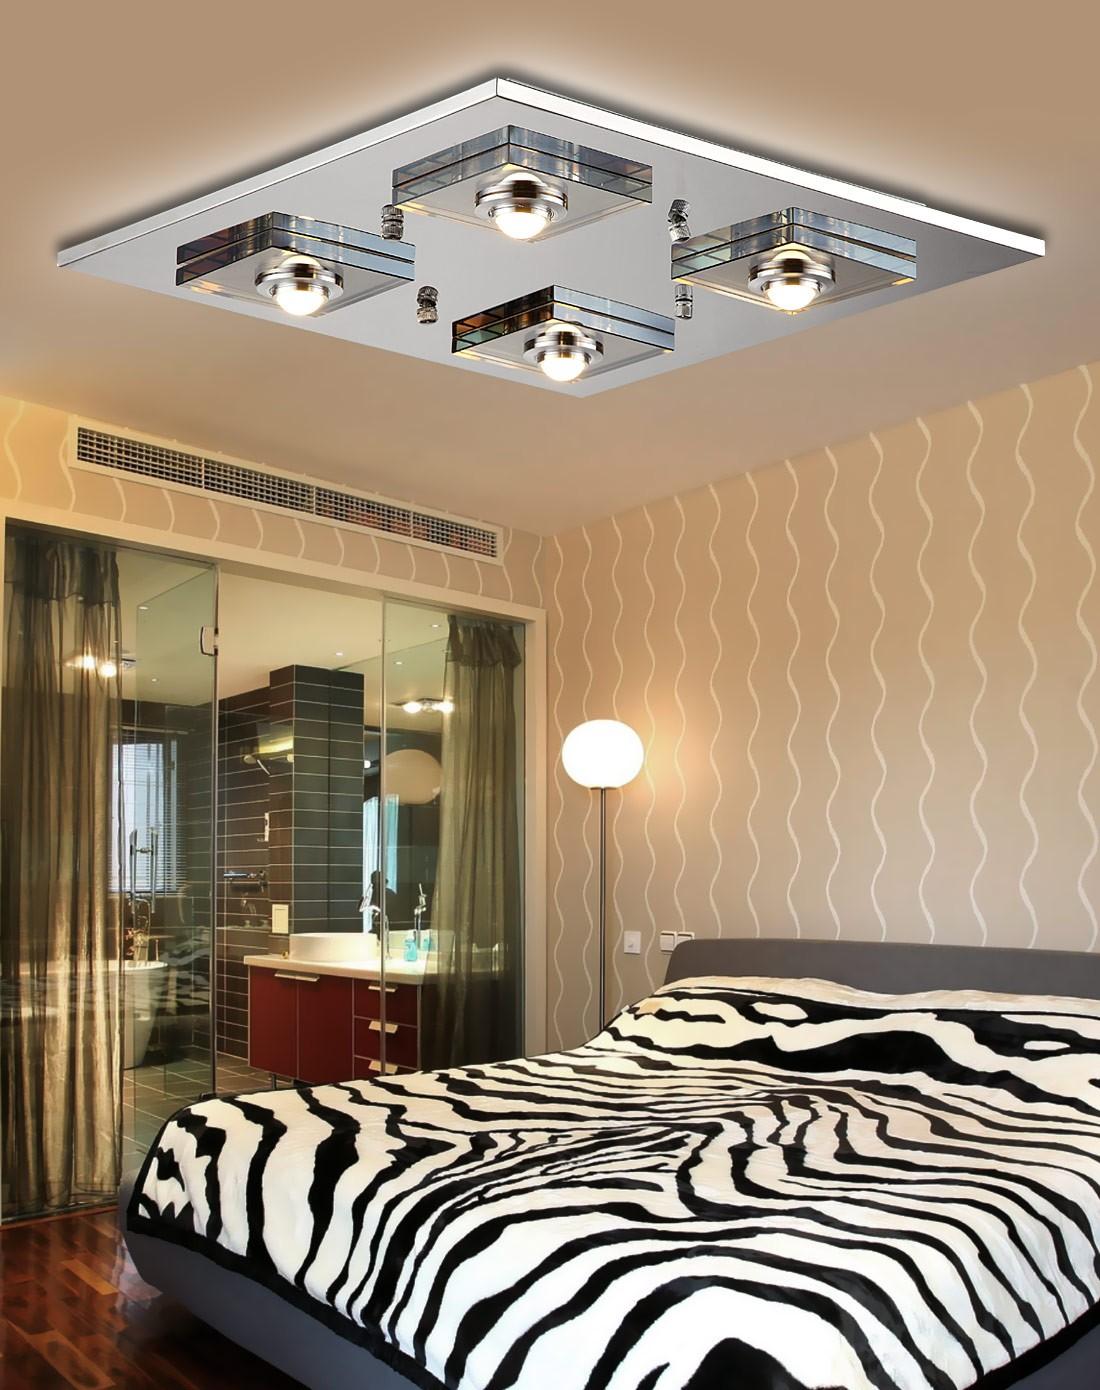 平板客厅房间餐厅灯48*48cm